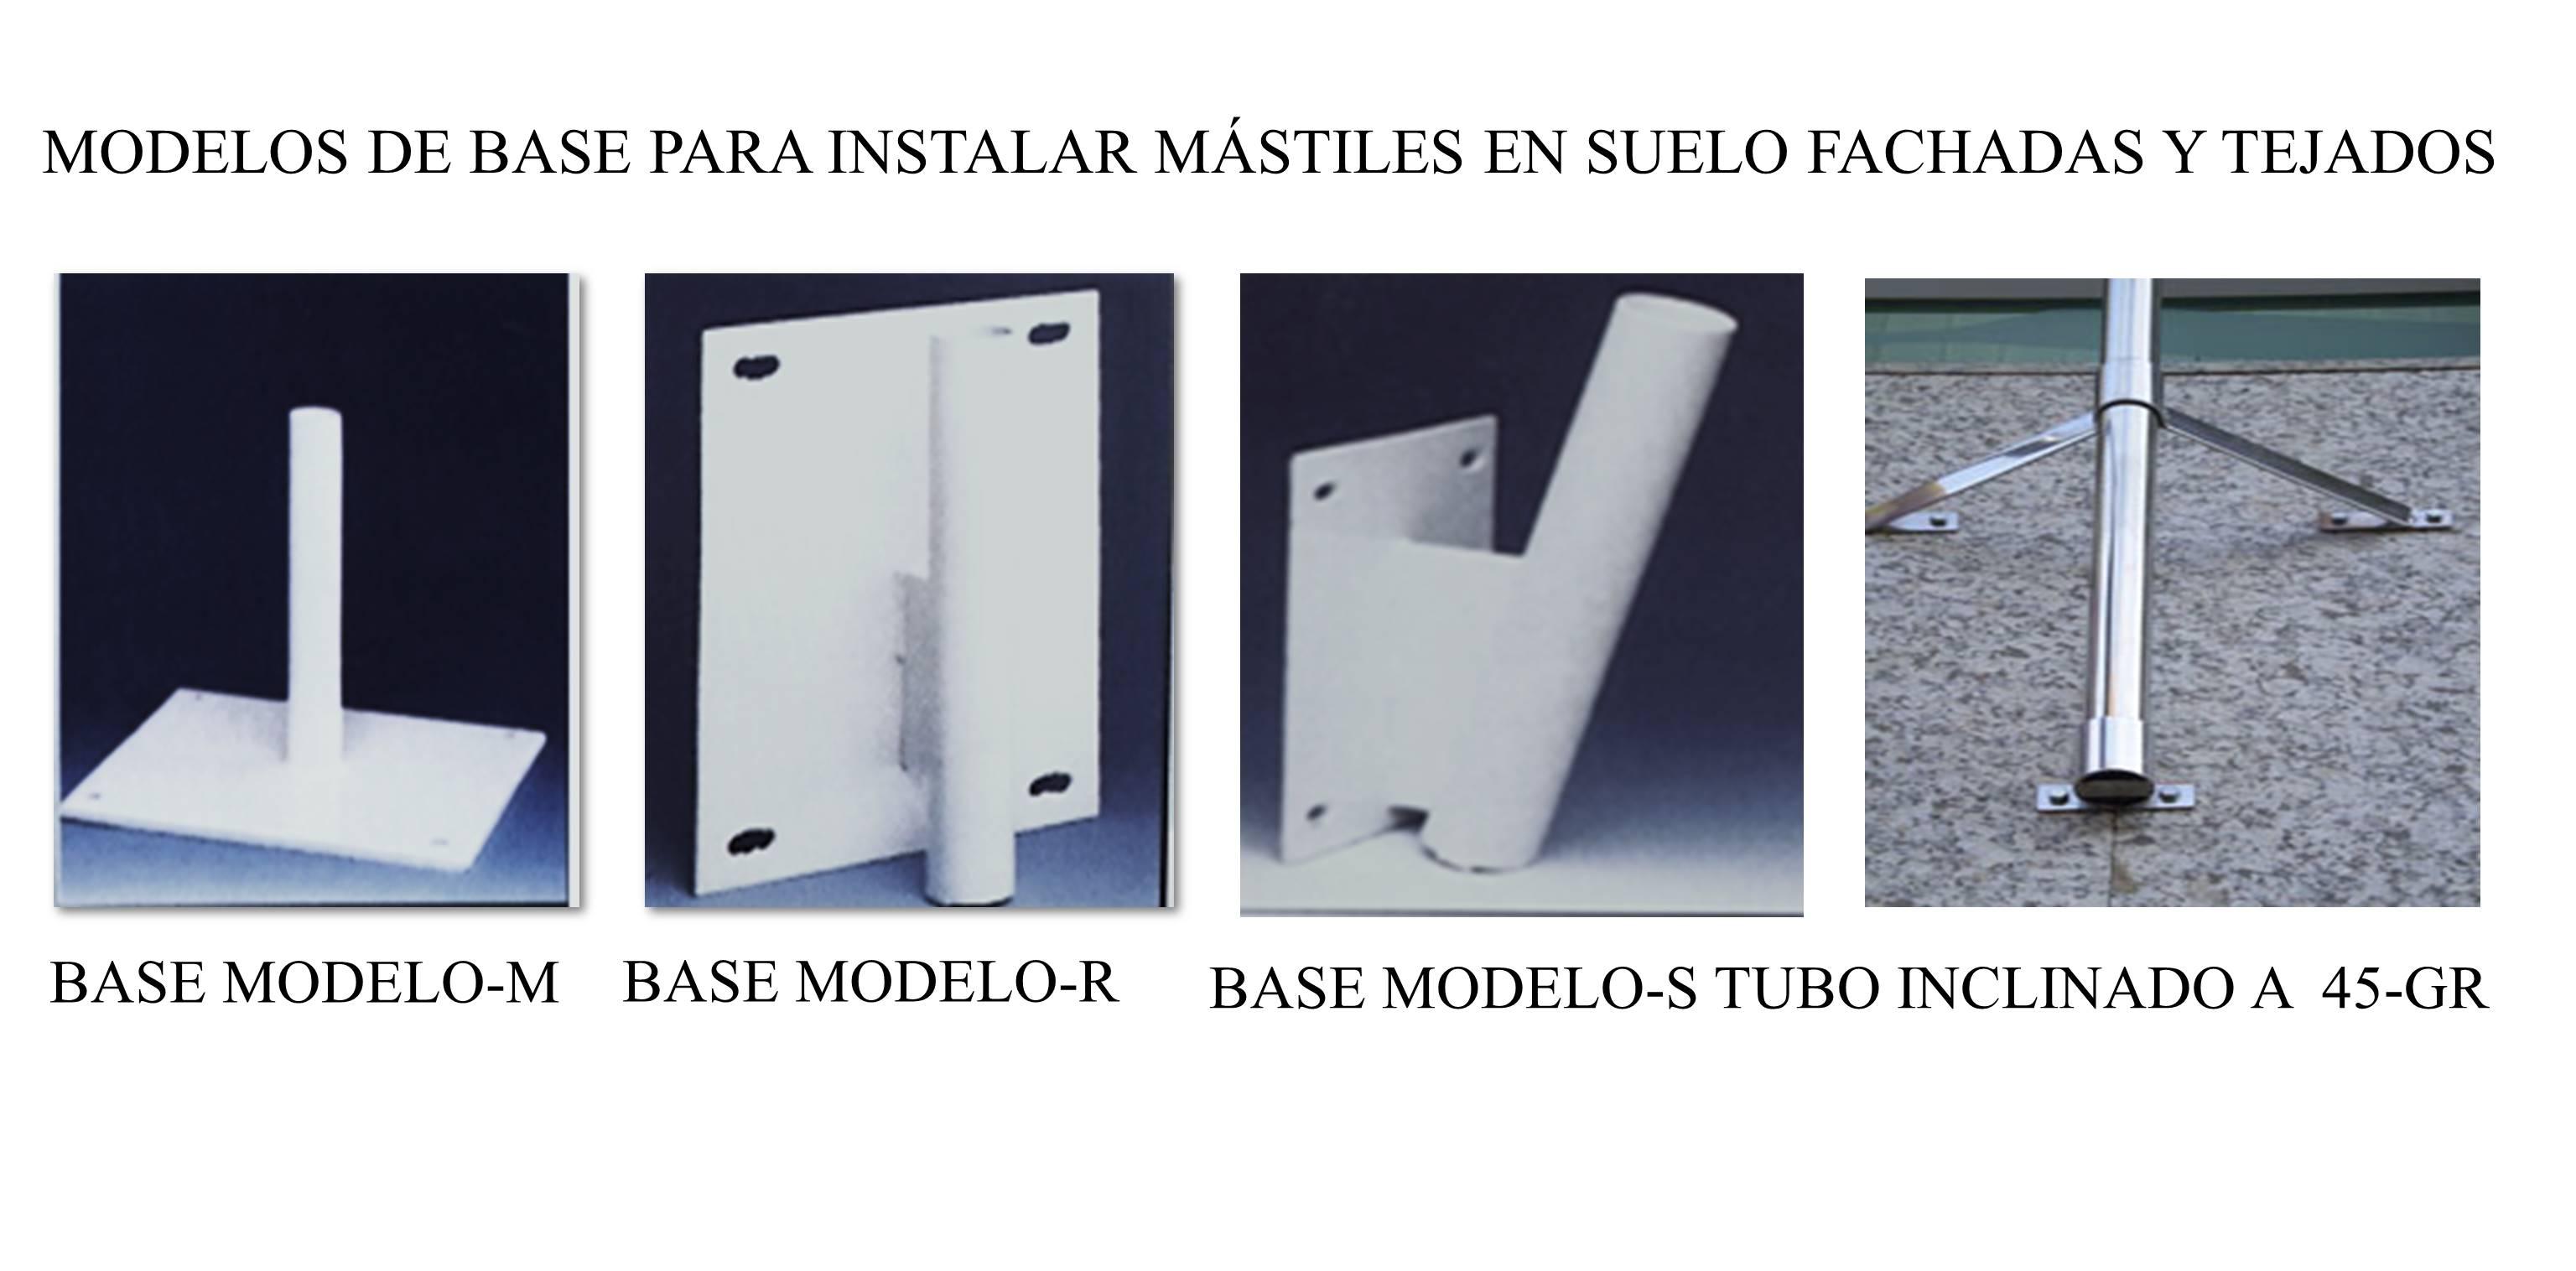 MODELOS-DE-BASE-PARA-INSTALAR-MASTILES-DE-BANDERAS-EN-TEJADOS-FACHADAS-PAREDES-SUELO